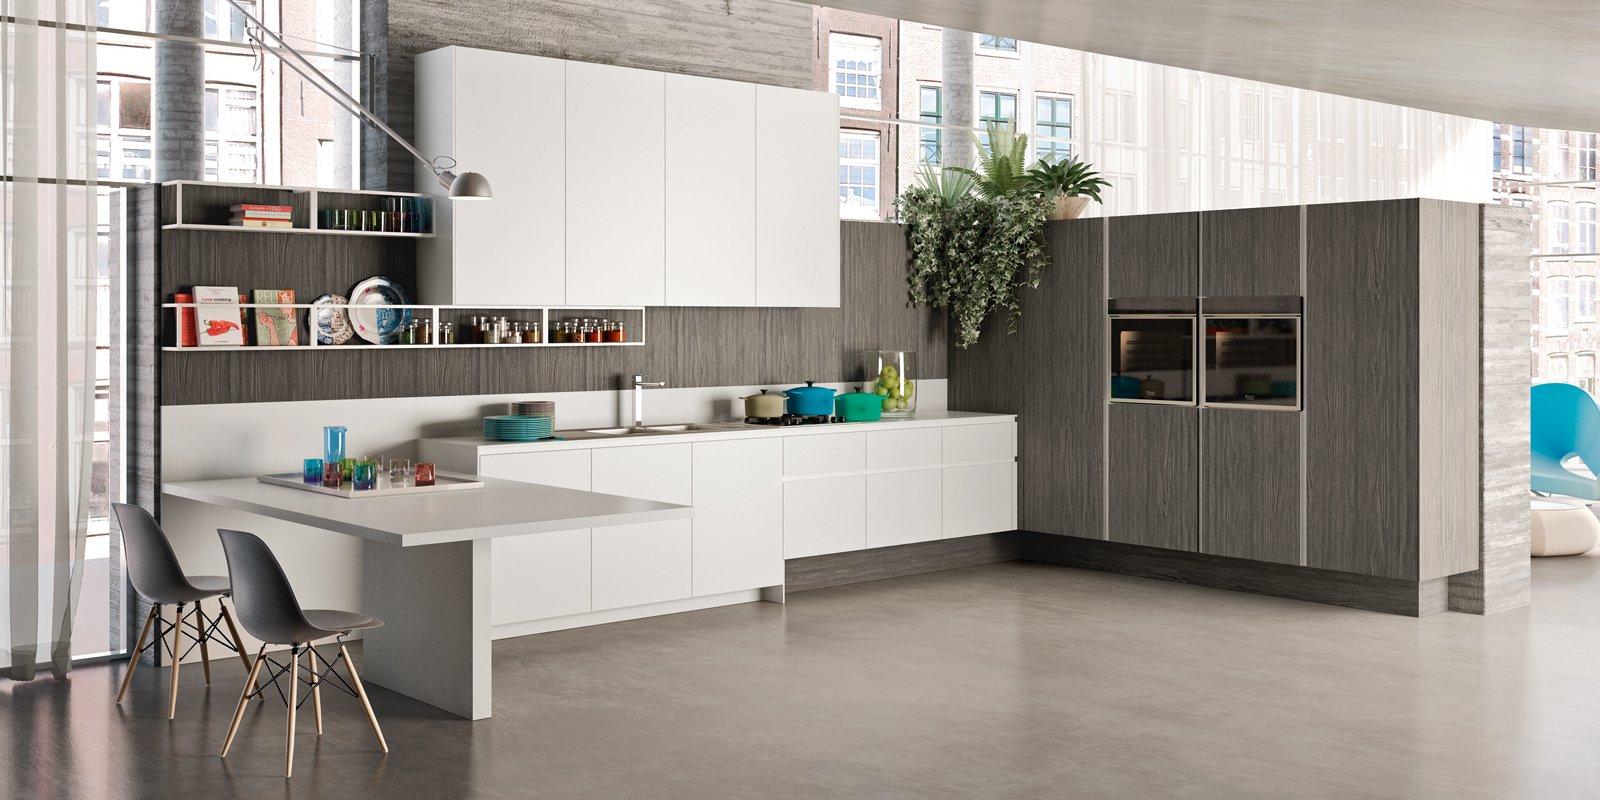 Cucine Con Finestra Sul Lavello la cucina sotto la finestra: 12 composizioni cui ispirarsi